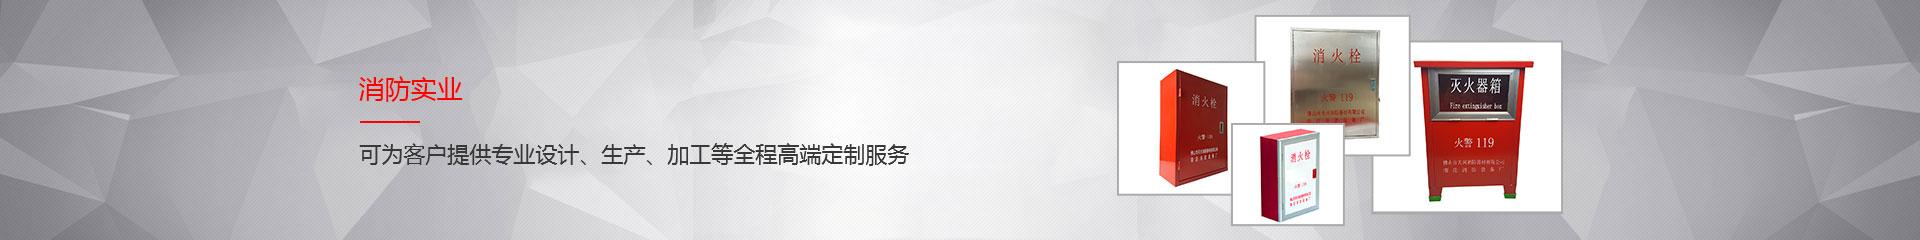 葡京澳门国际官方网站展示